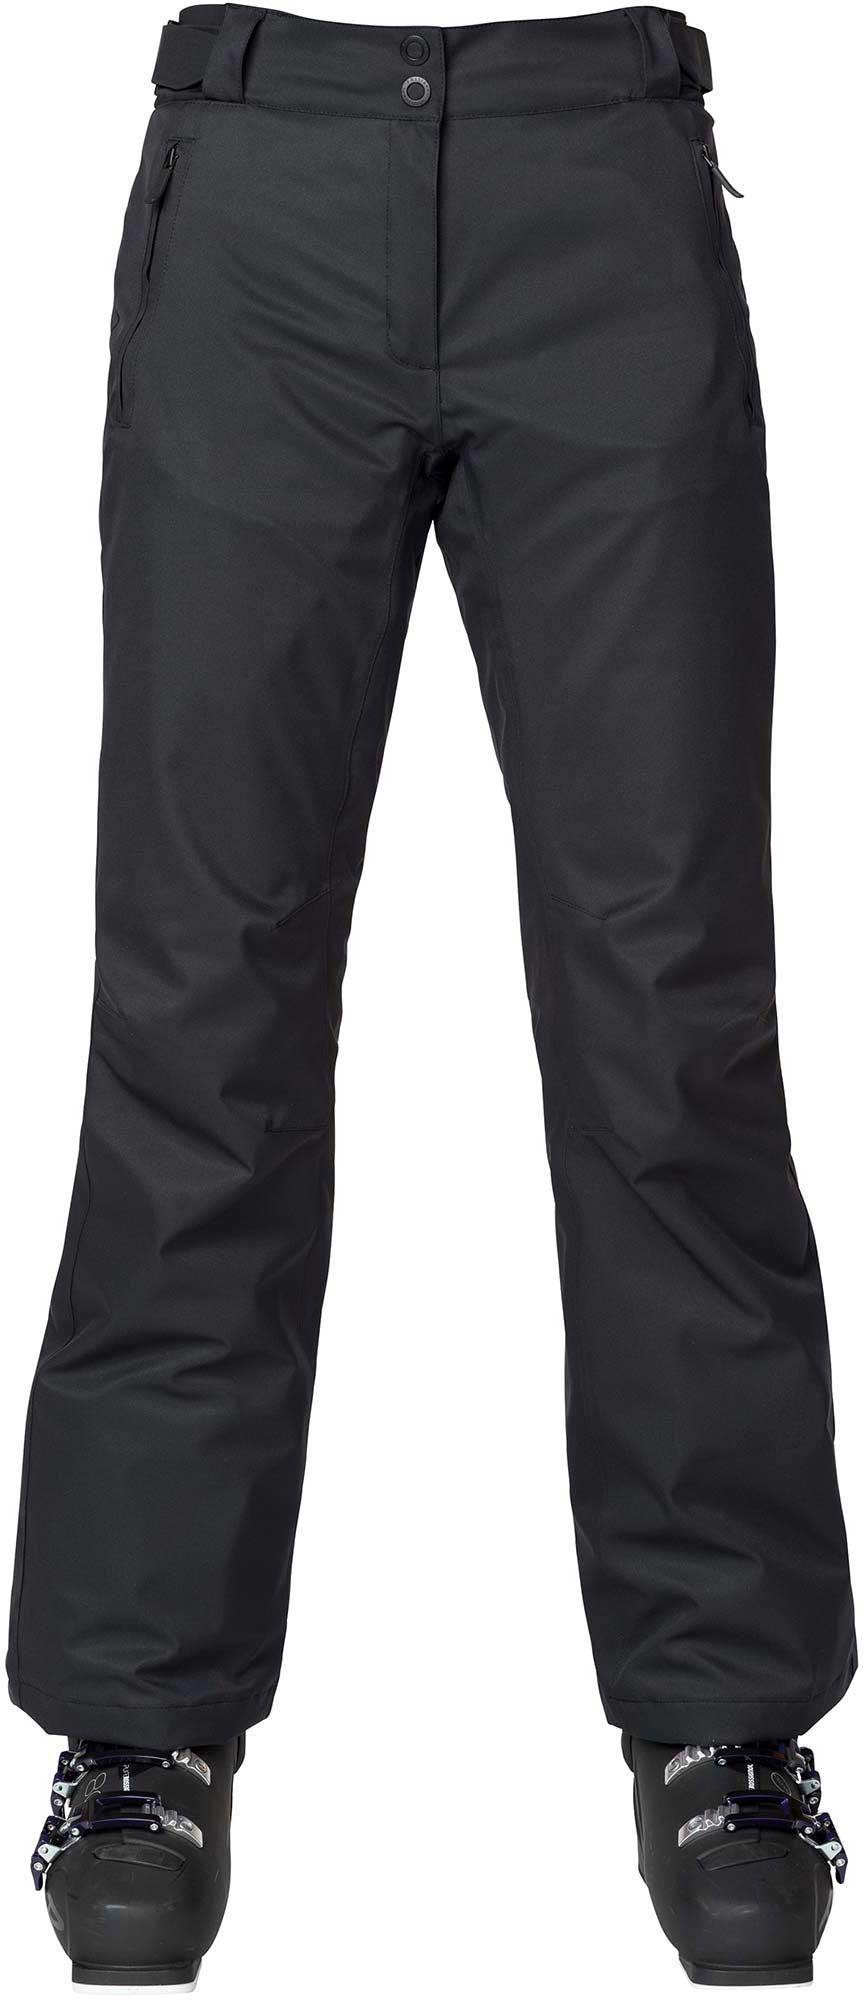 Rossignol nohavice W Ski Pant black Velikost: M